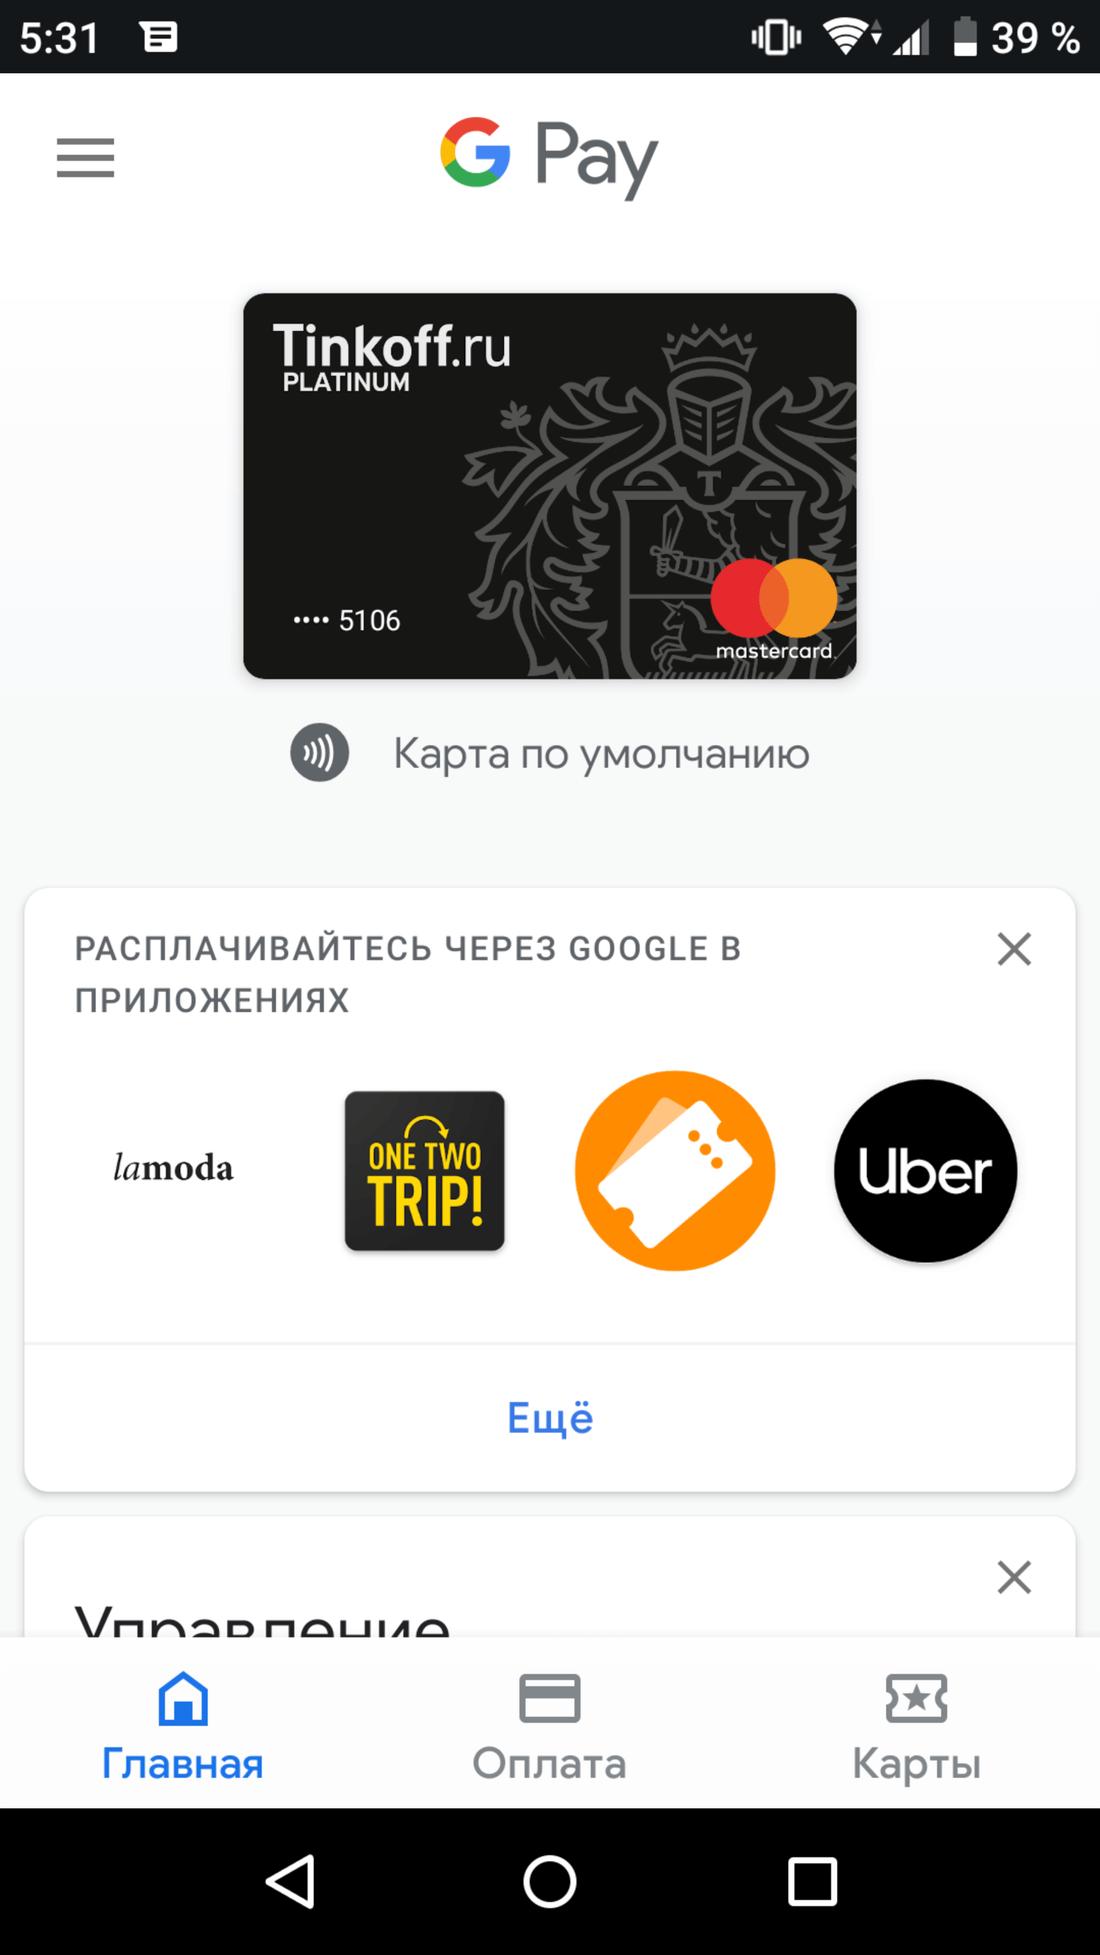 Скриншoт #1 из прoгрaммы Google Pay